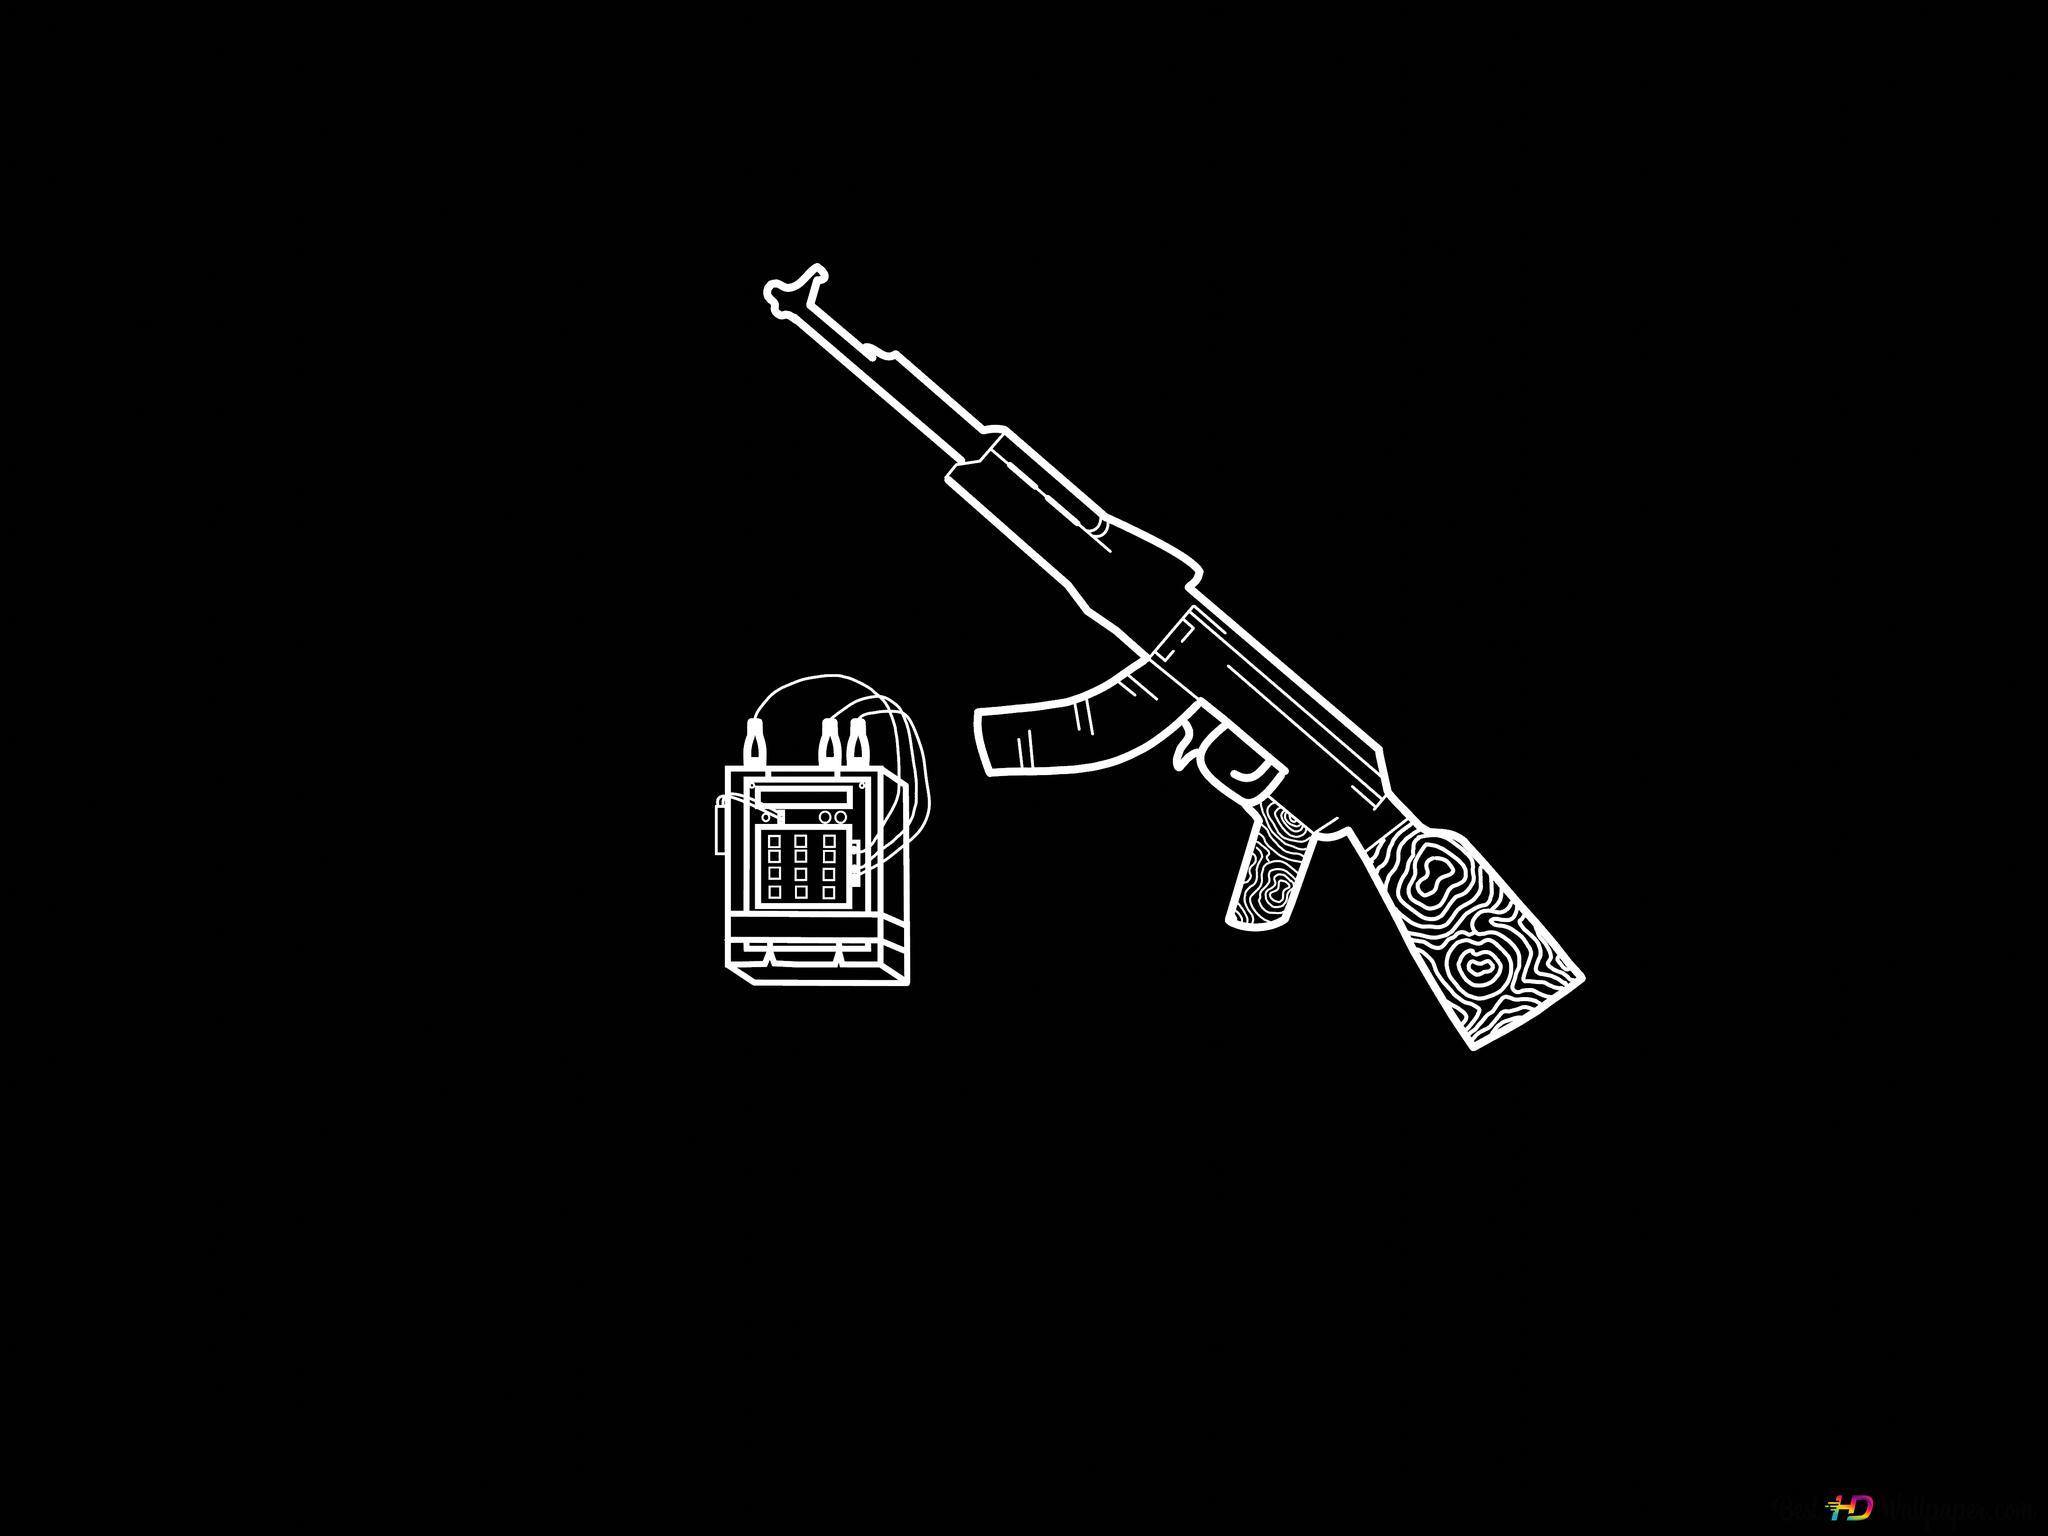 黒と白のテロ 銃や爆弾 Hd壁紙のダウンロード